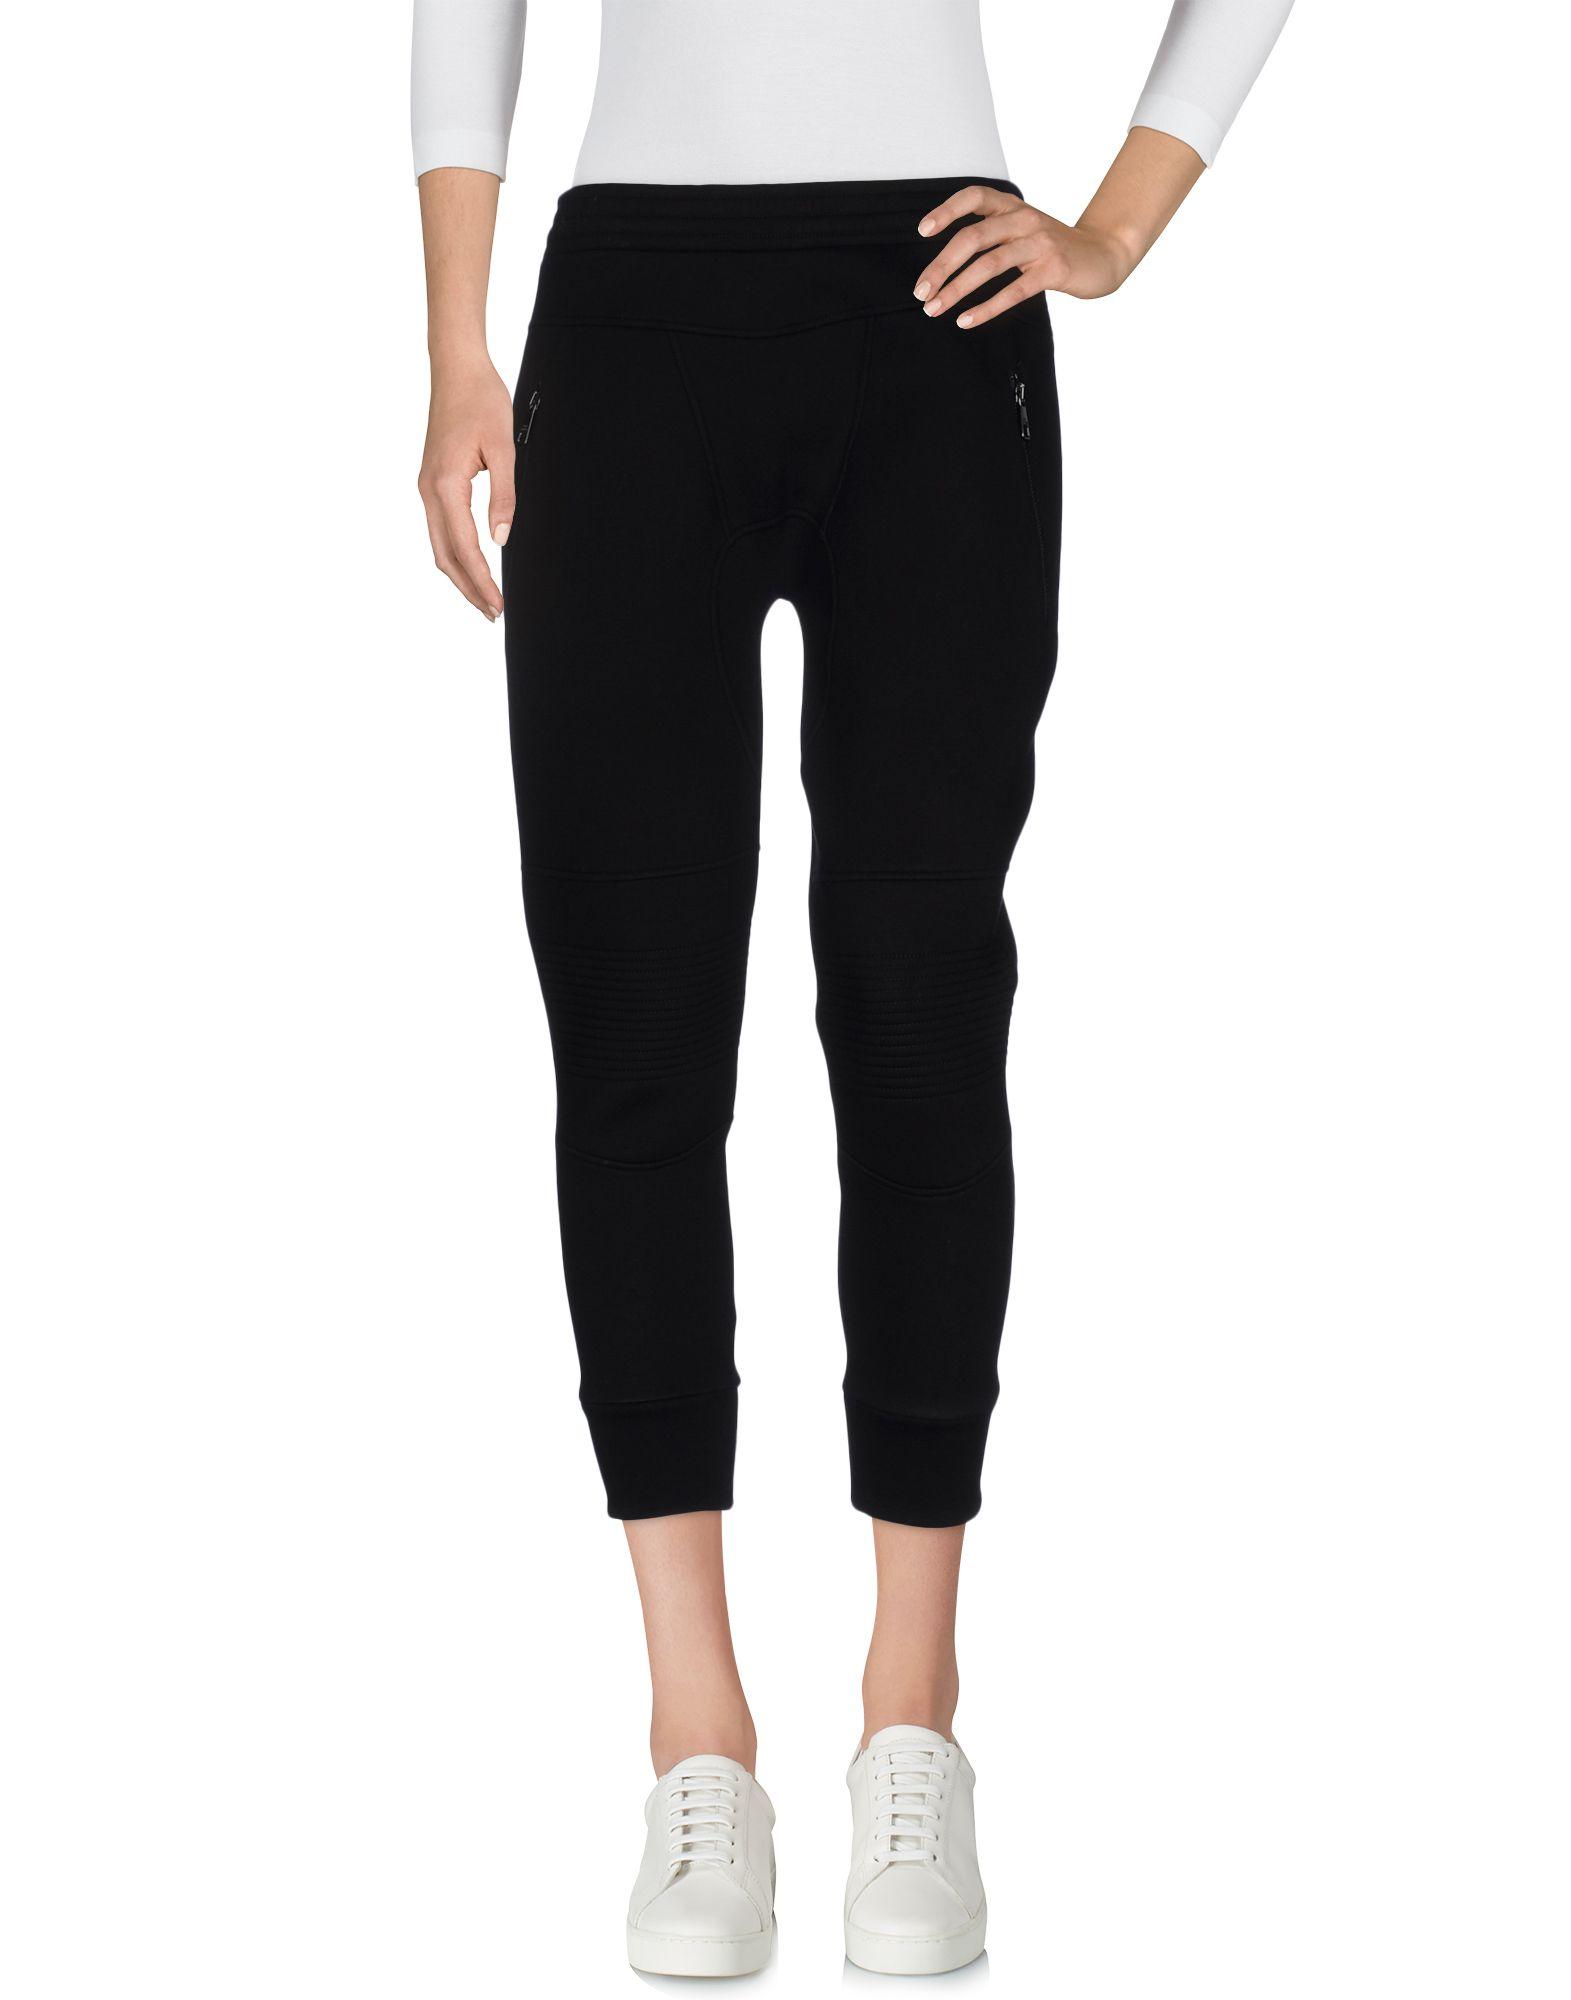 Pantalone Neil Barrett Donna - Acquista online su Zrwbc